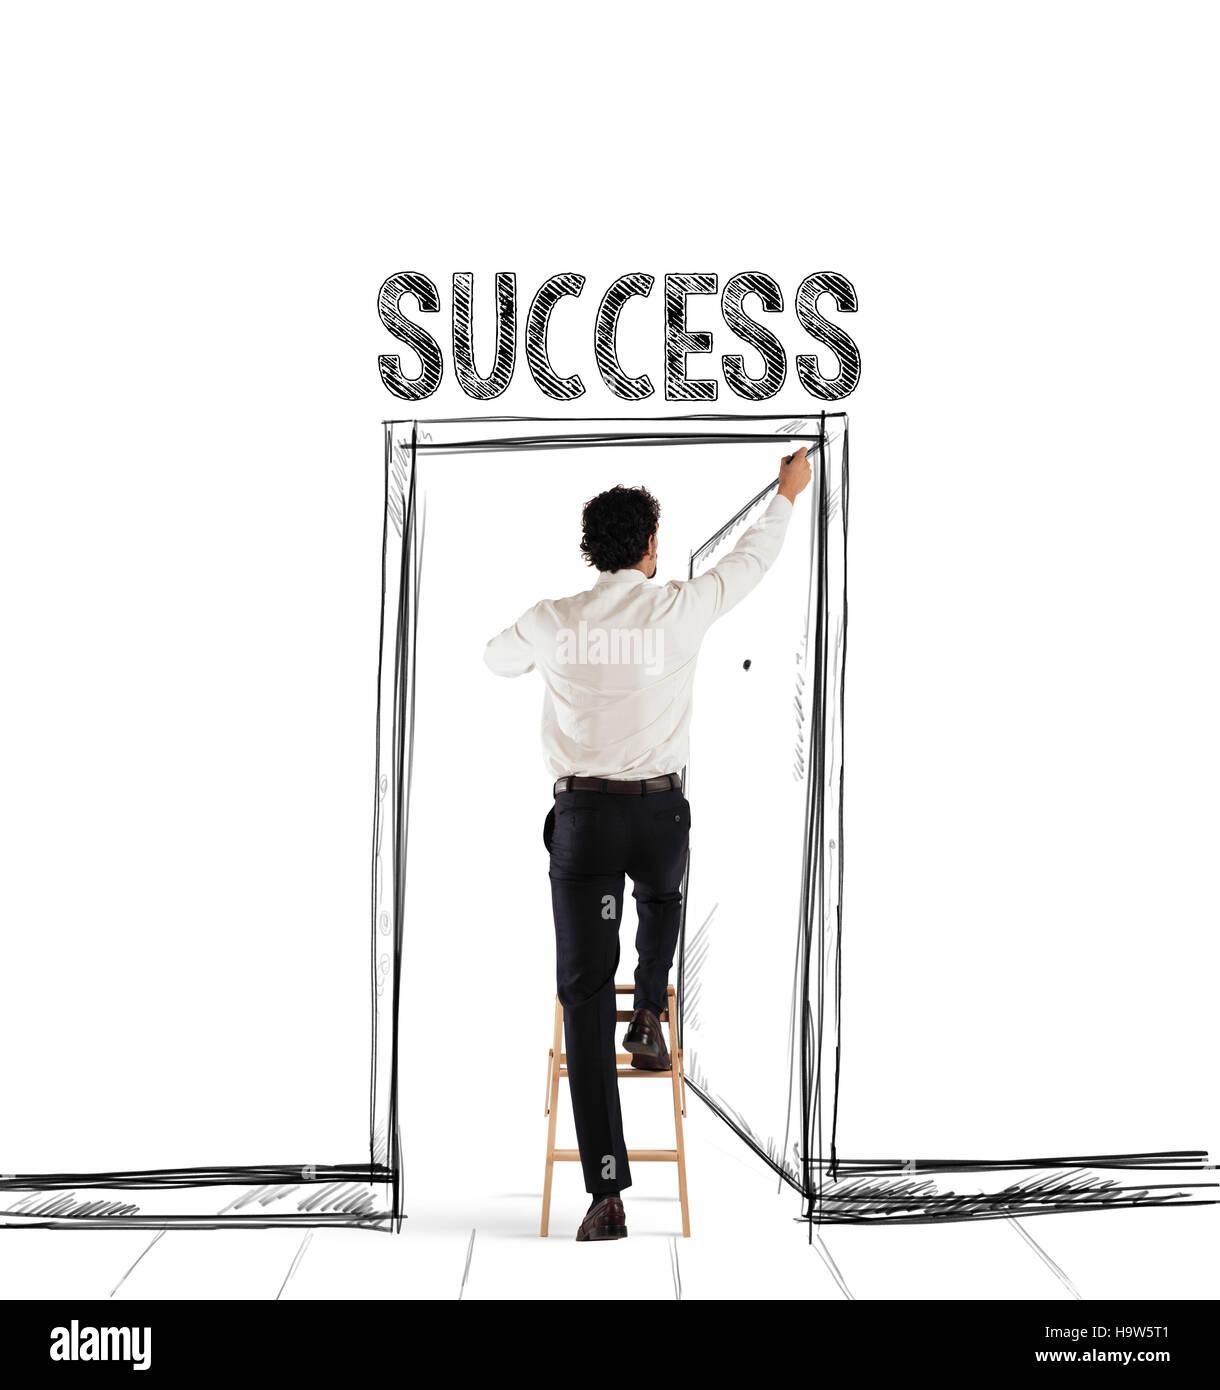 Success door Stock Photo